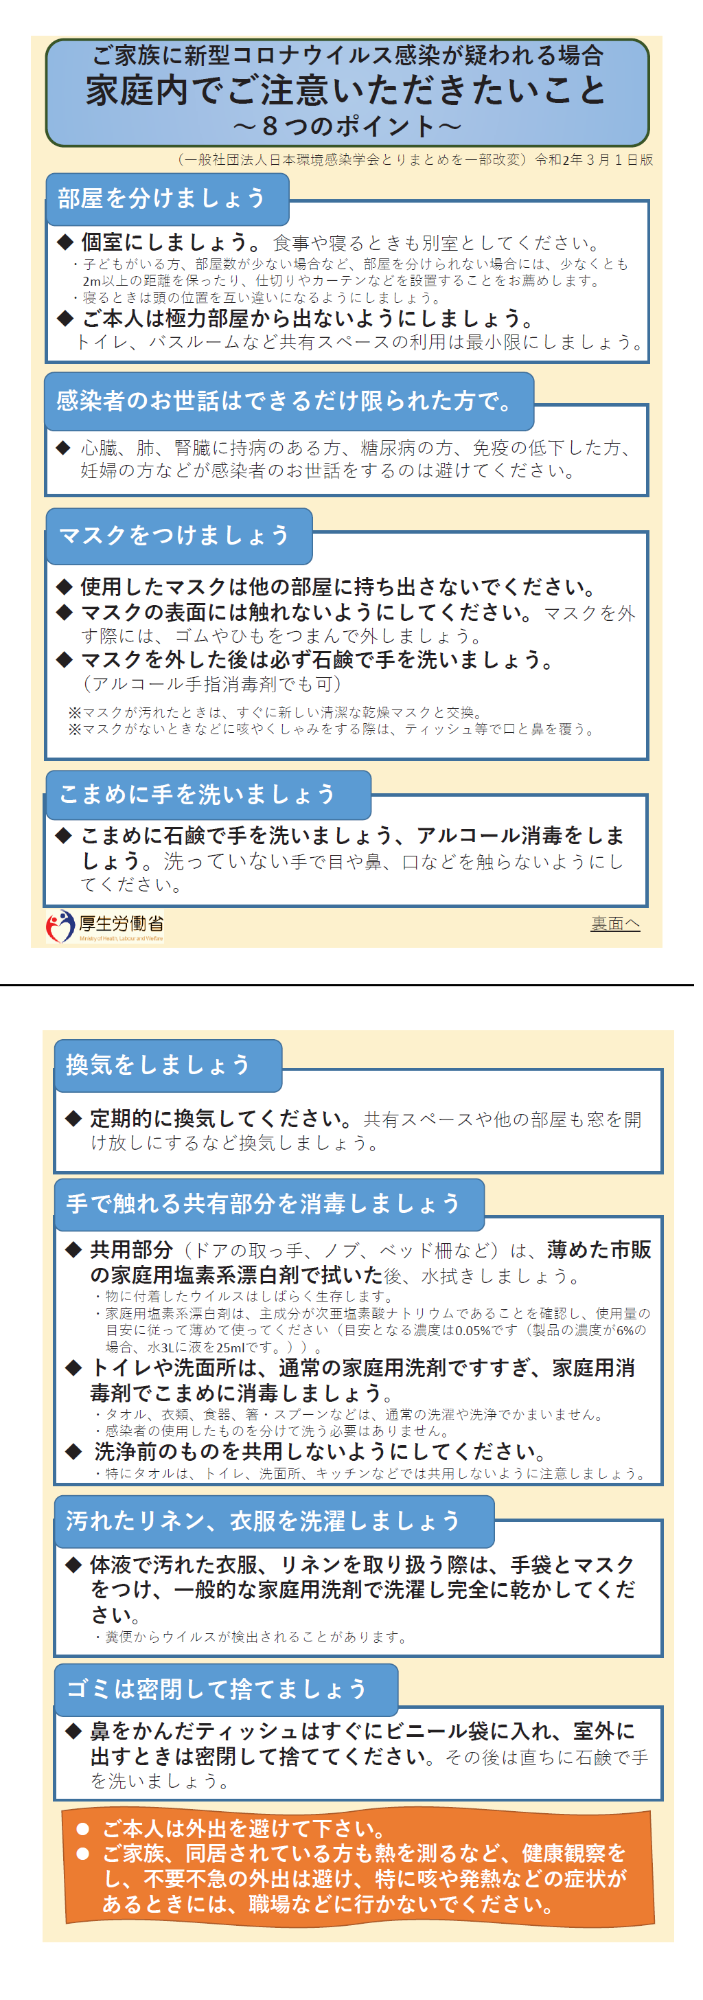 県 コロナ 感染 深谷 者 埼玉 市